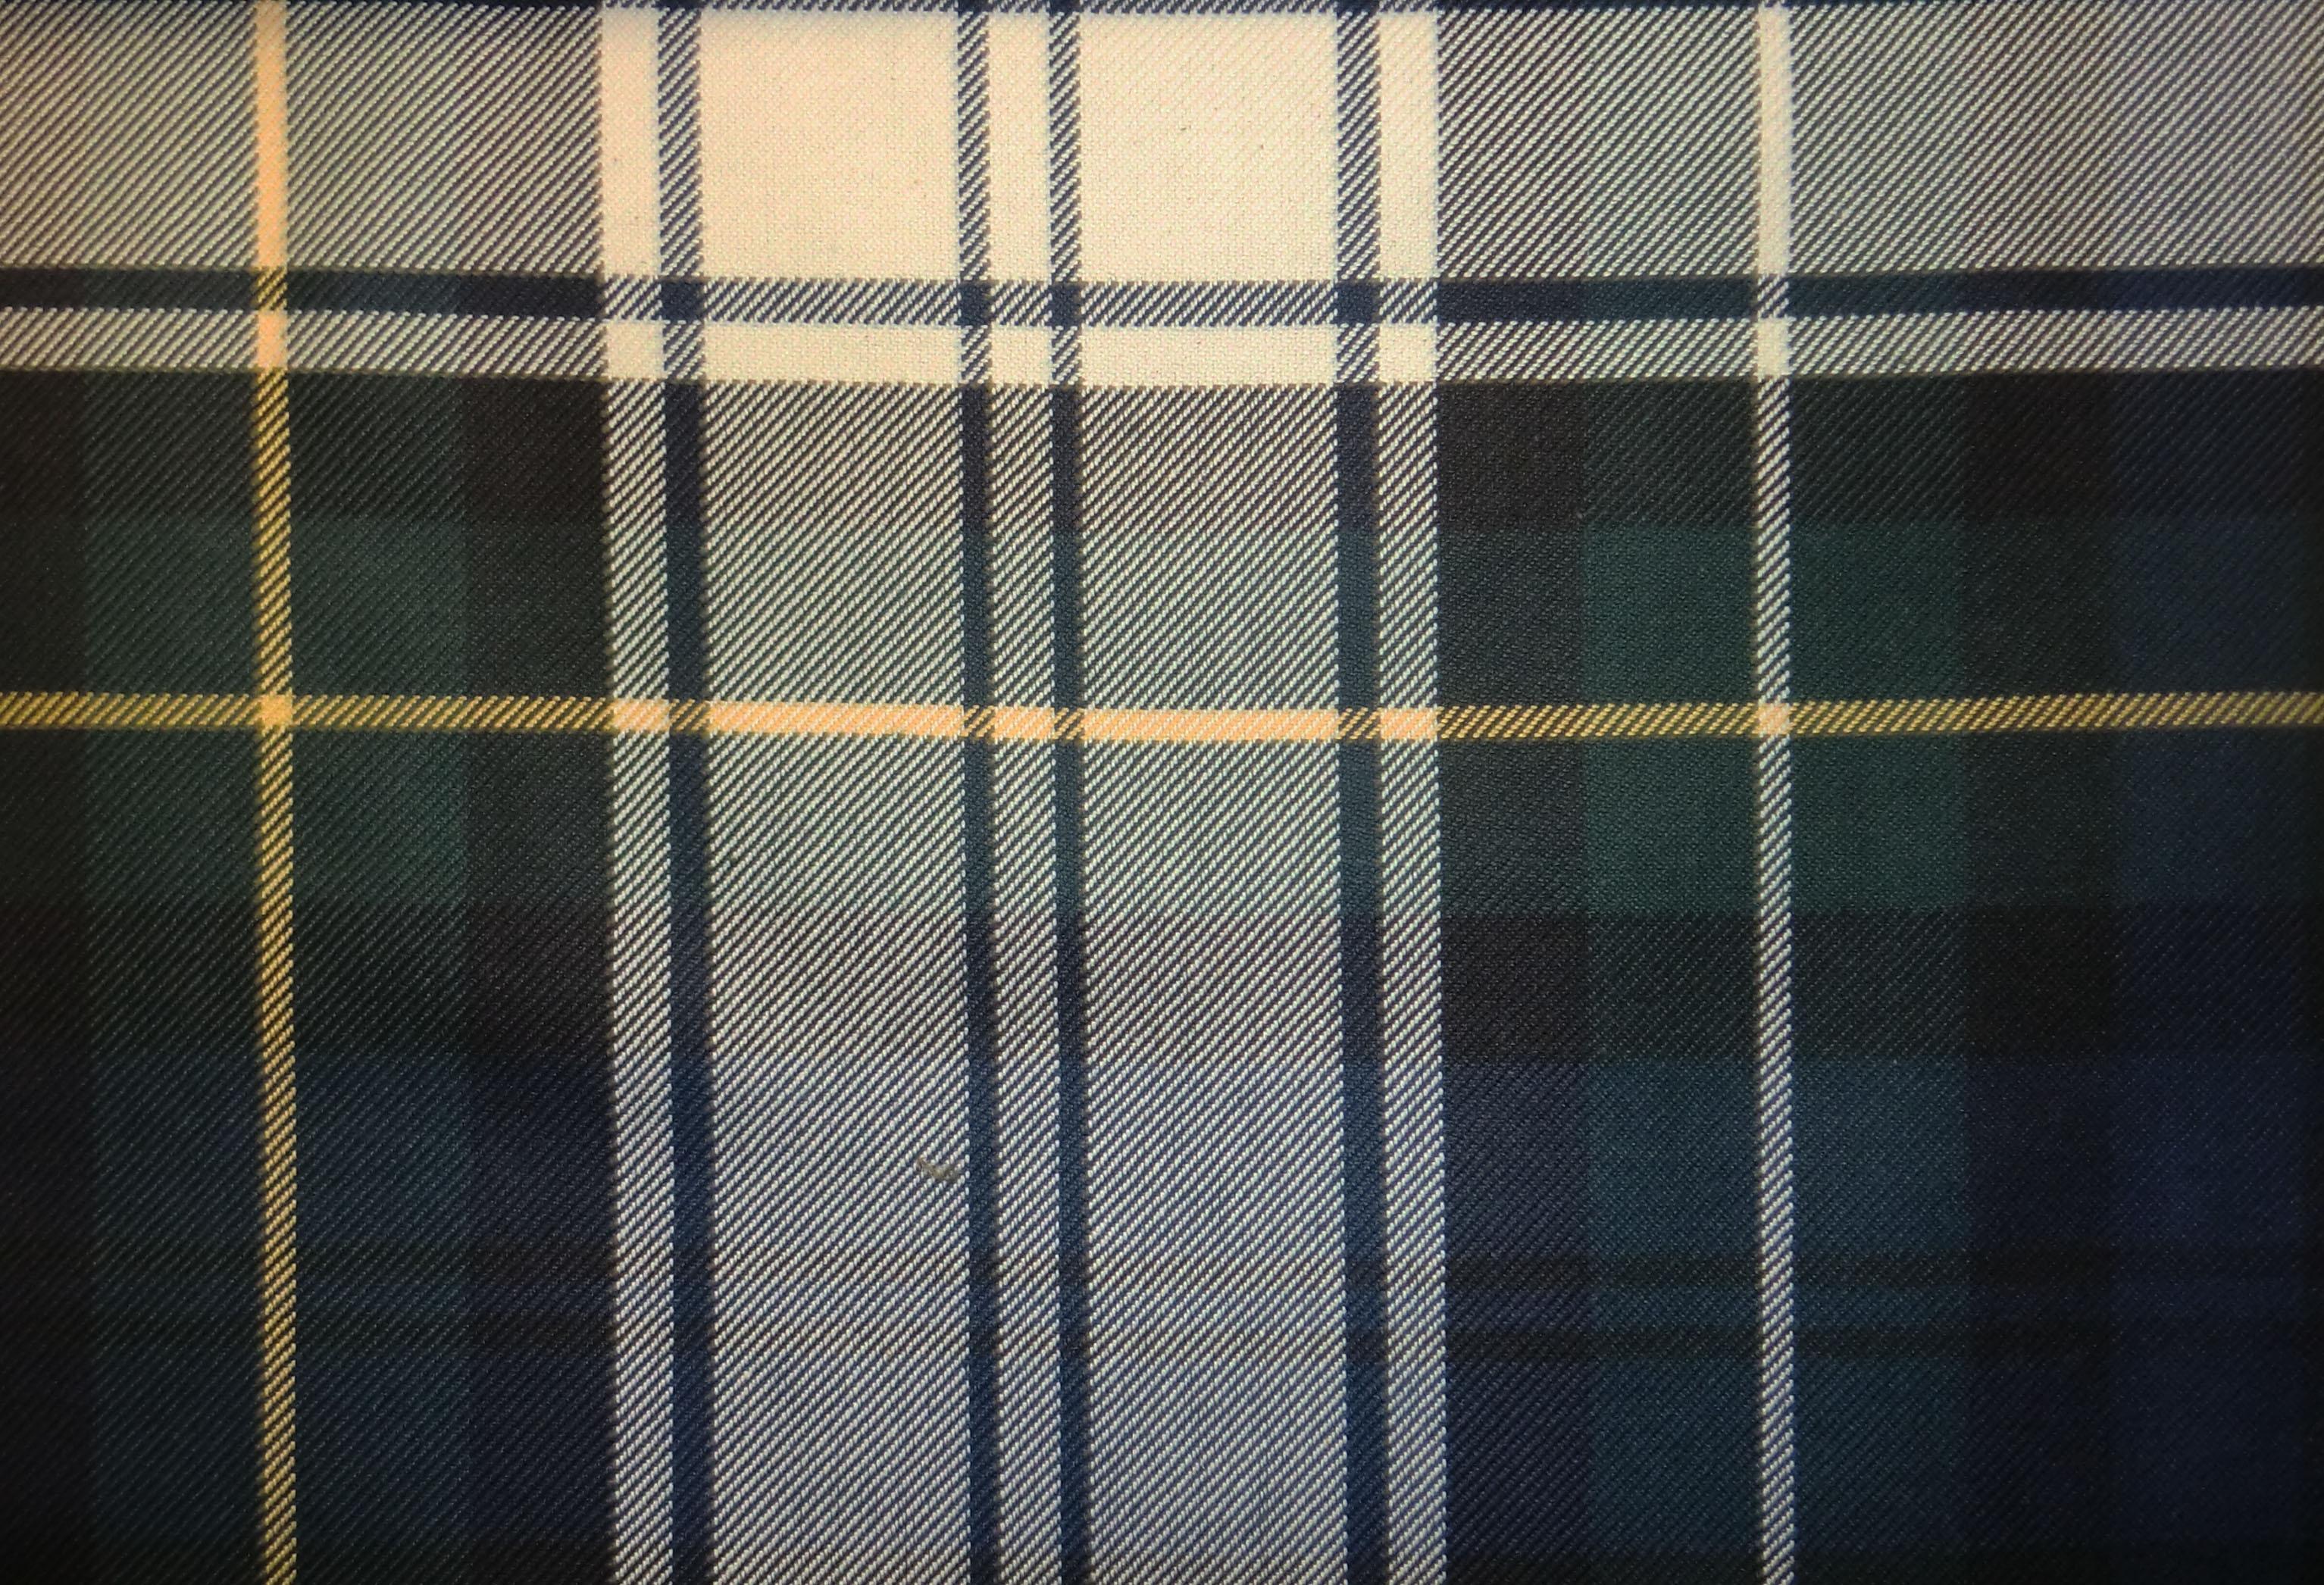 Ralph lauren plaid bedding - Ralph Lauren Fabrics Lucas Tartan Ivy League Search Results